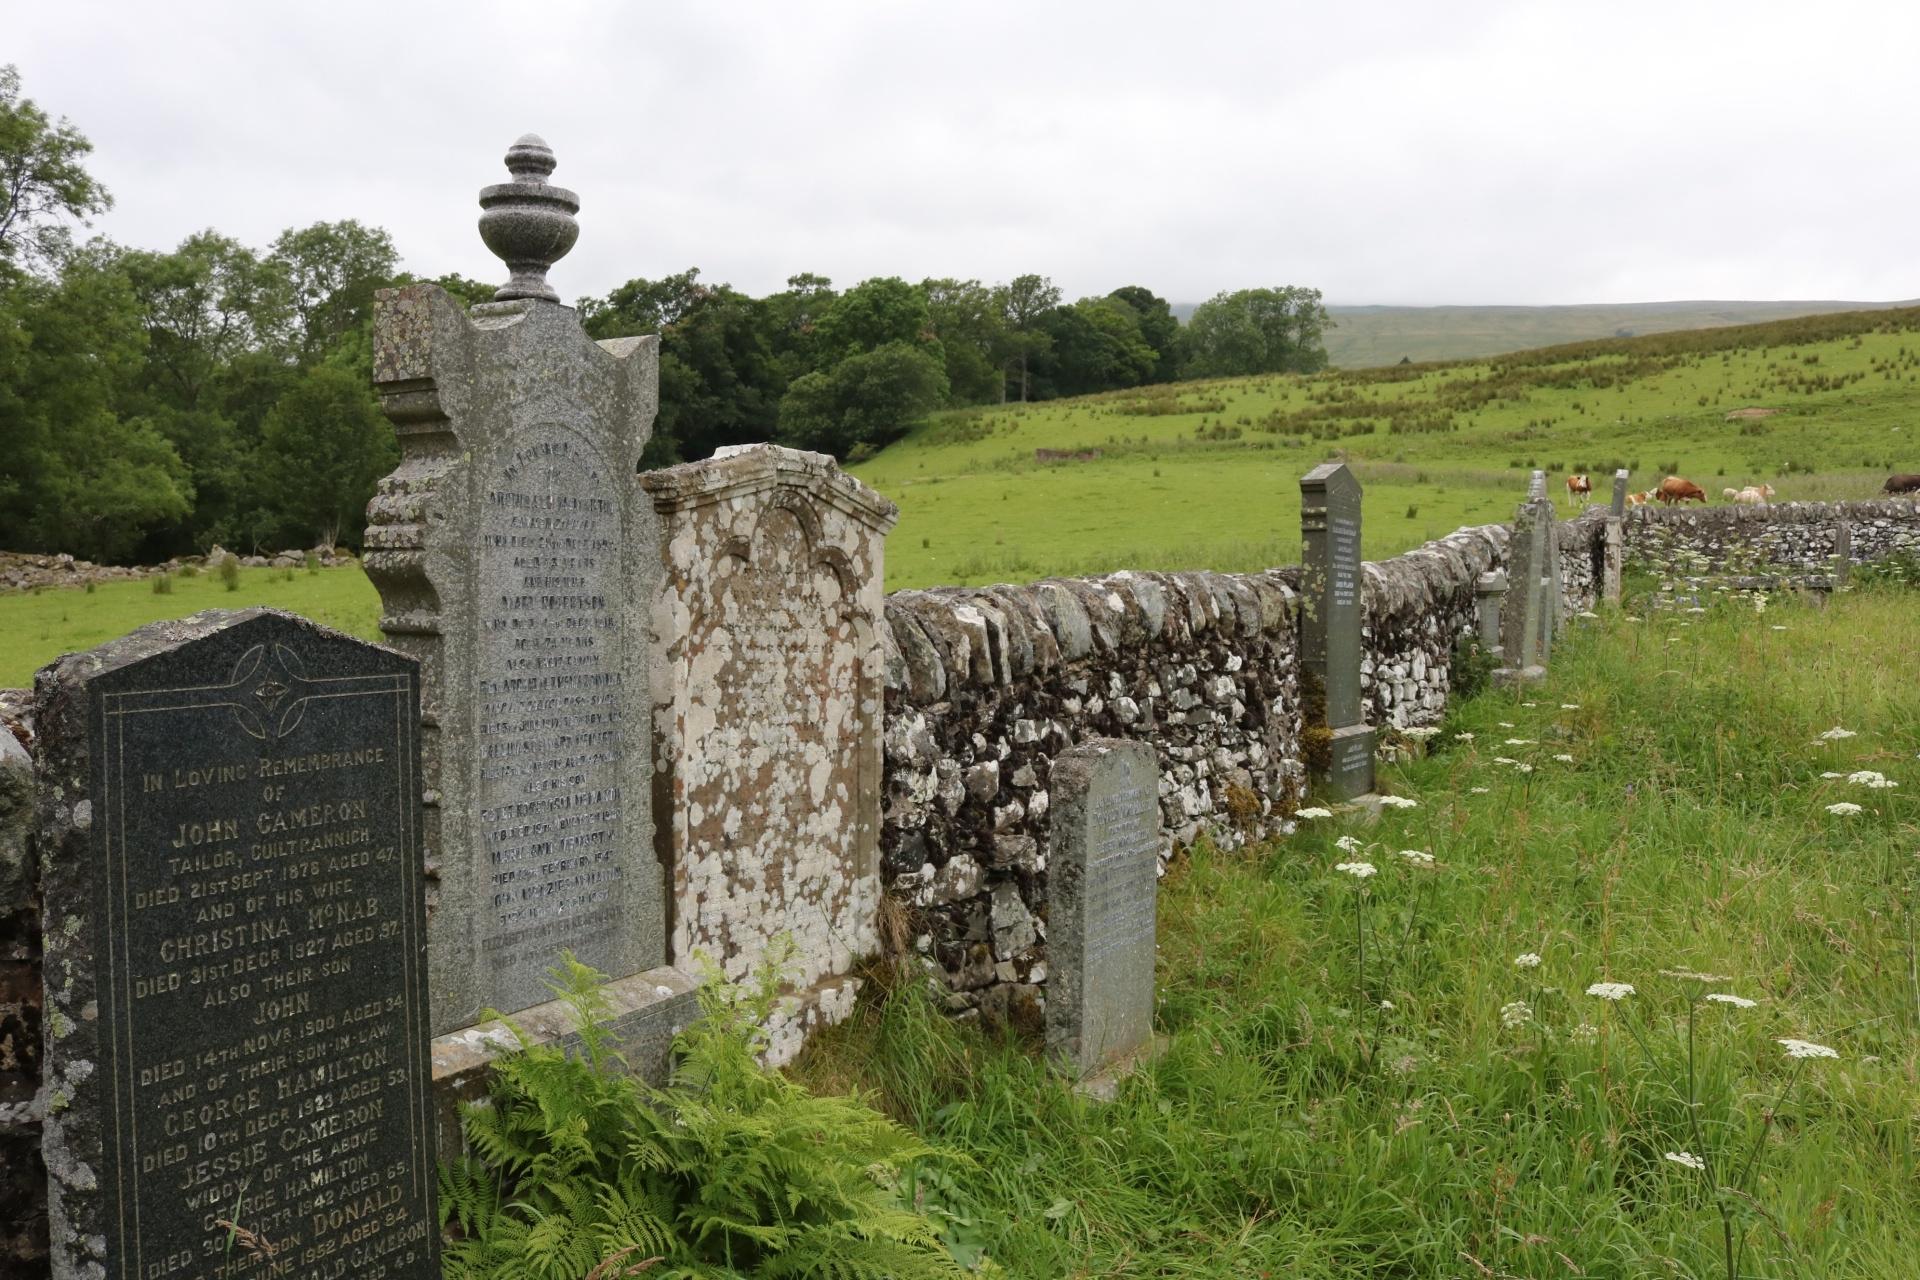 Ngôi làng bị nguyền rủa ở Scotland được rao bán giá 4 tỷ đồng